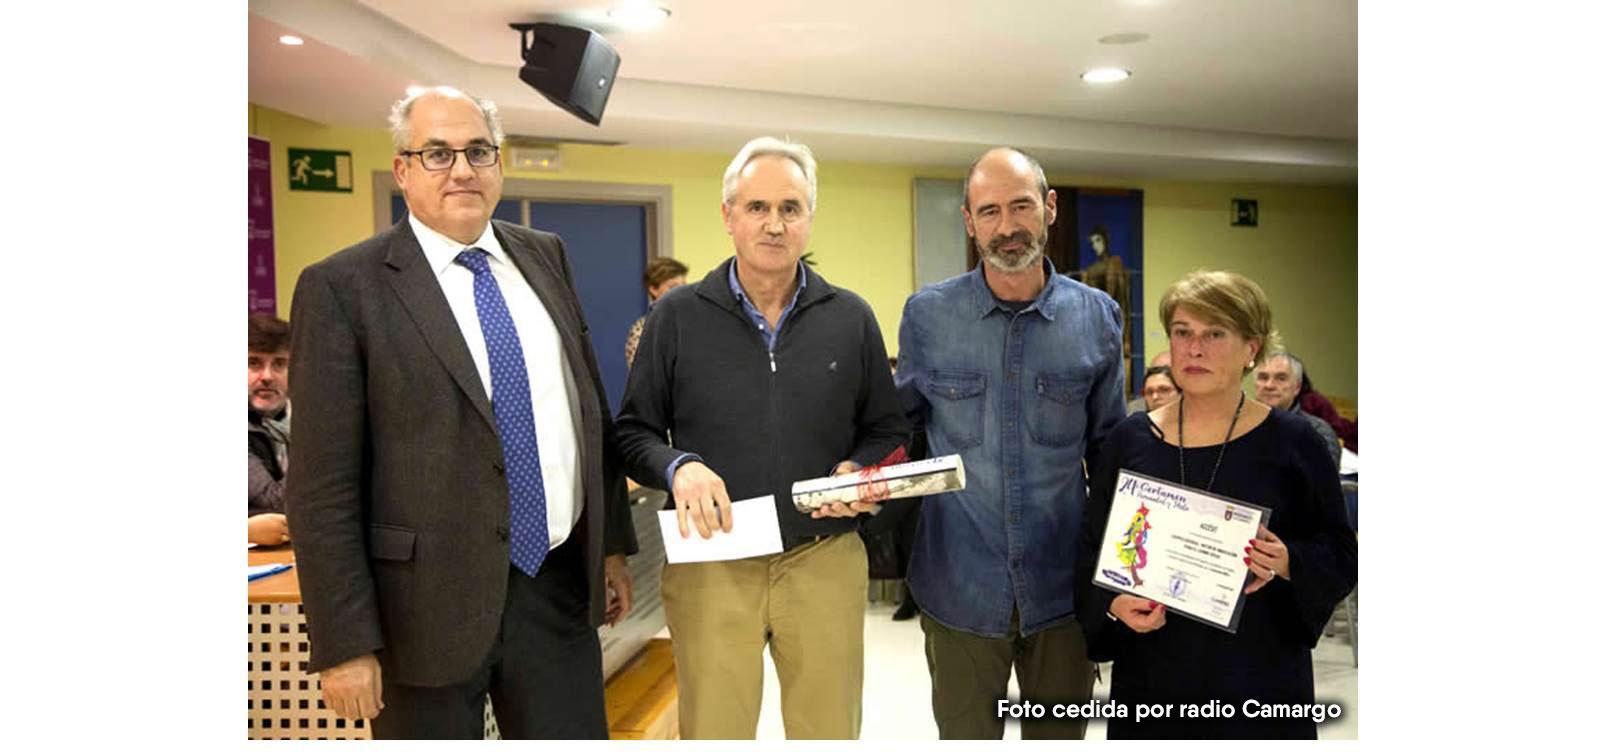 Amica recibió un accésit en el 'XXIV Certamen Humanidad y Medio' de Camargo con el proyecto del Campus Diversia